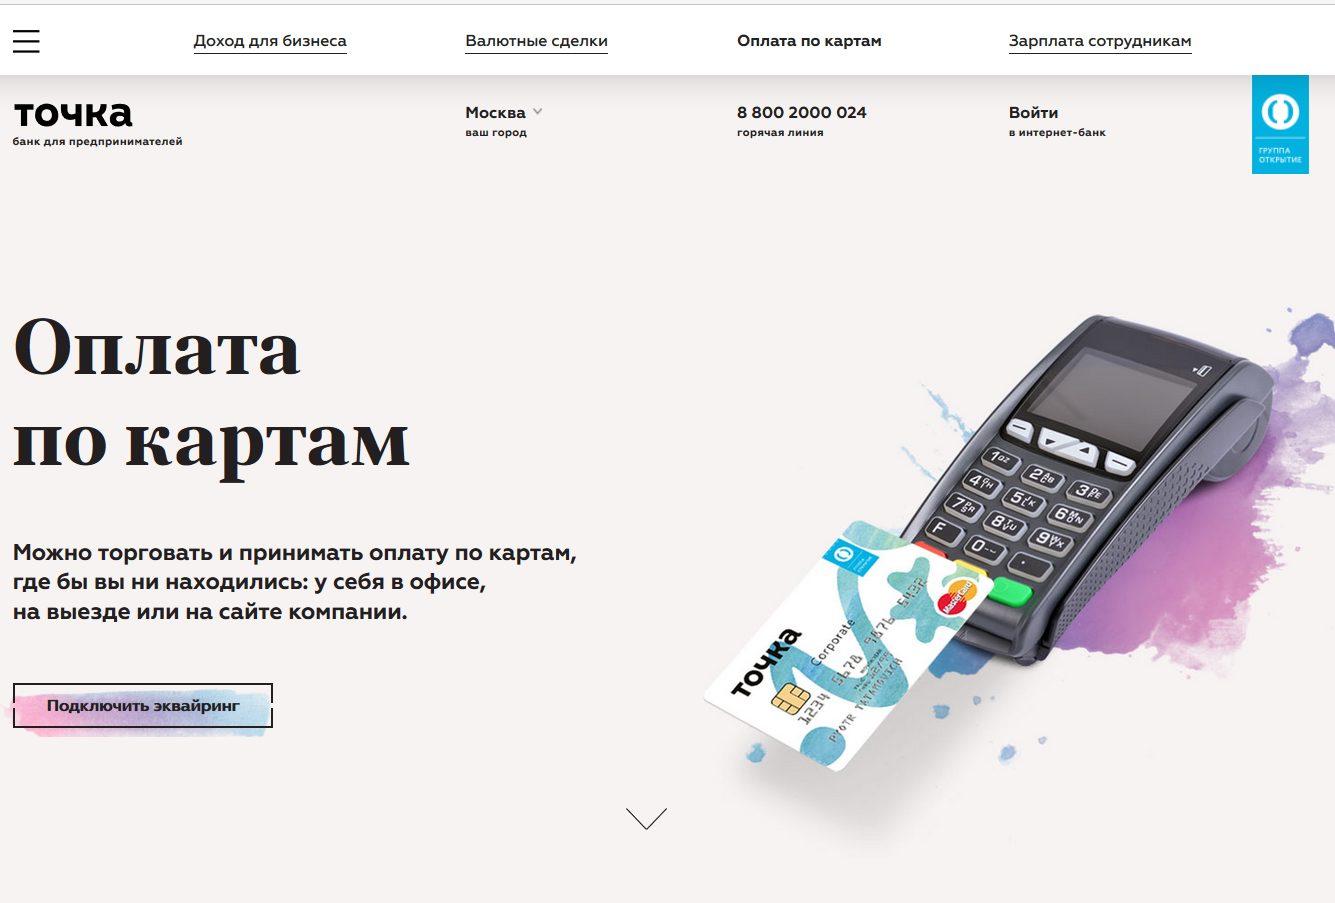 tranzacții de numerar și opțiuni)